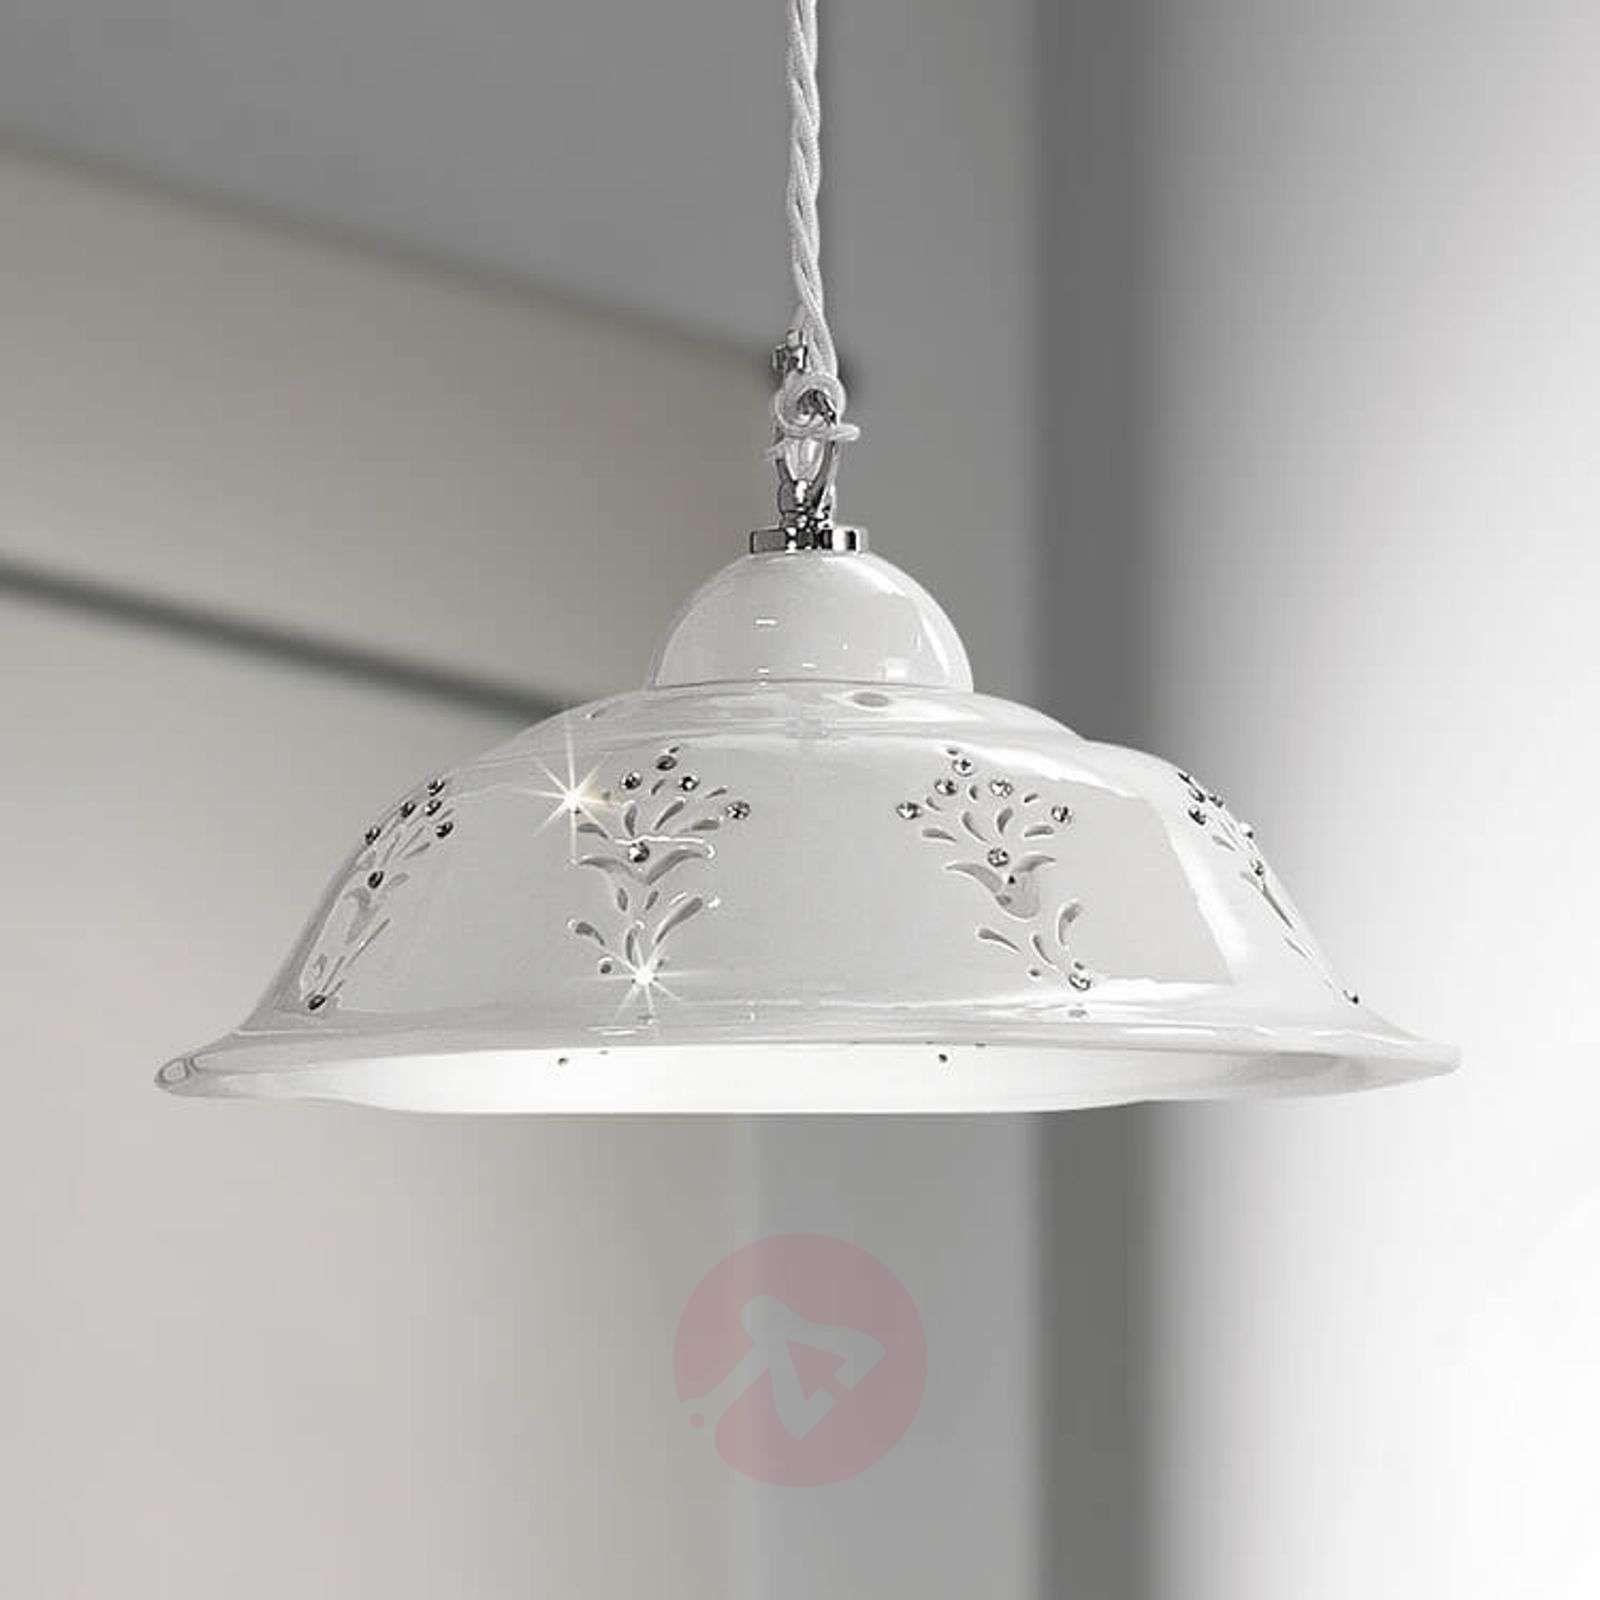 Kształtna Ceramiczna Lampa Wisząca Guiliano Lampy Wiszące